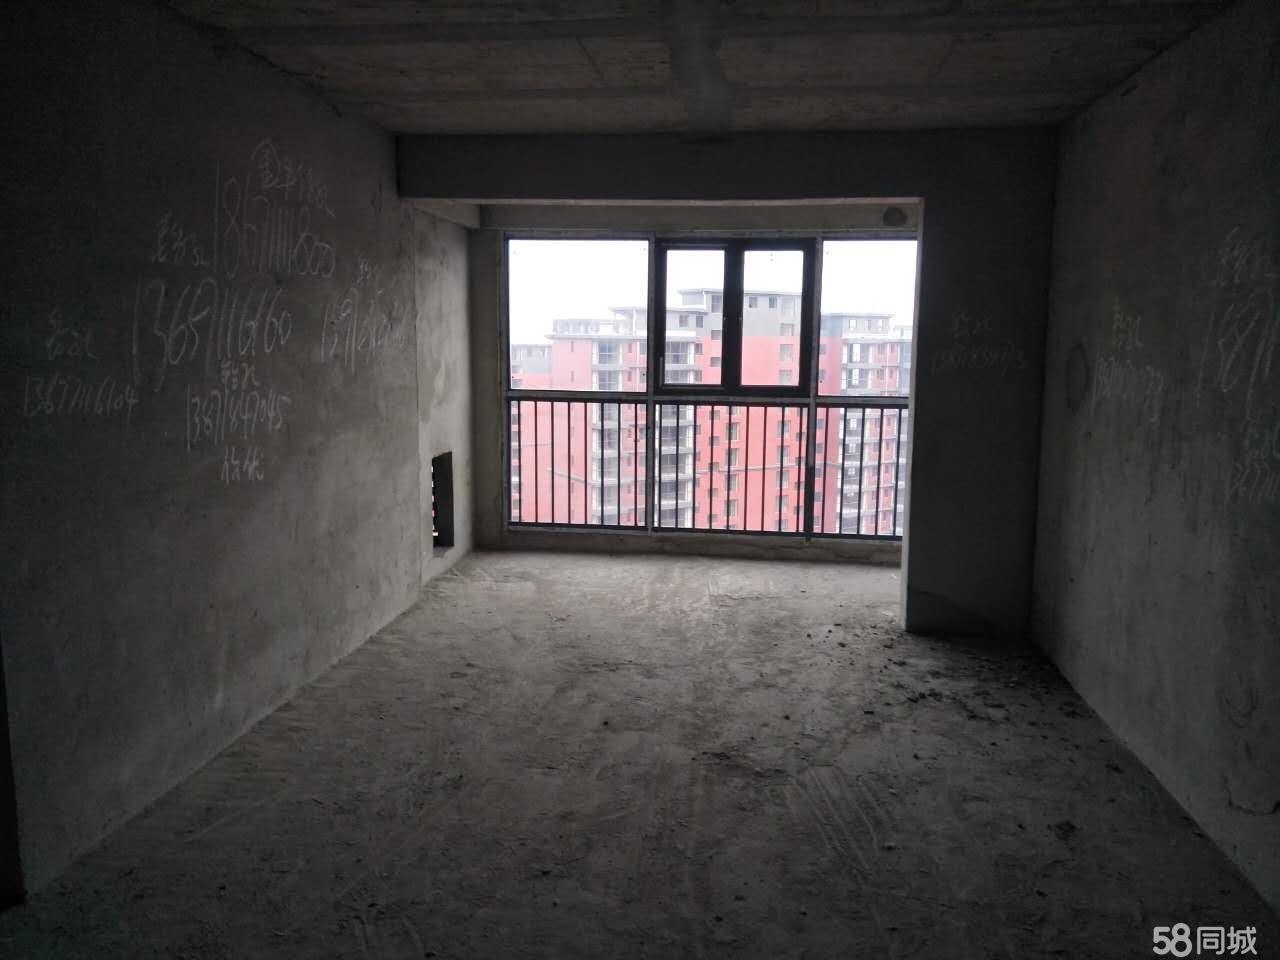 飞鹅新天地商品房3室2厅2卫105平米